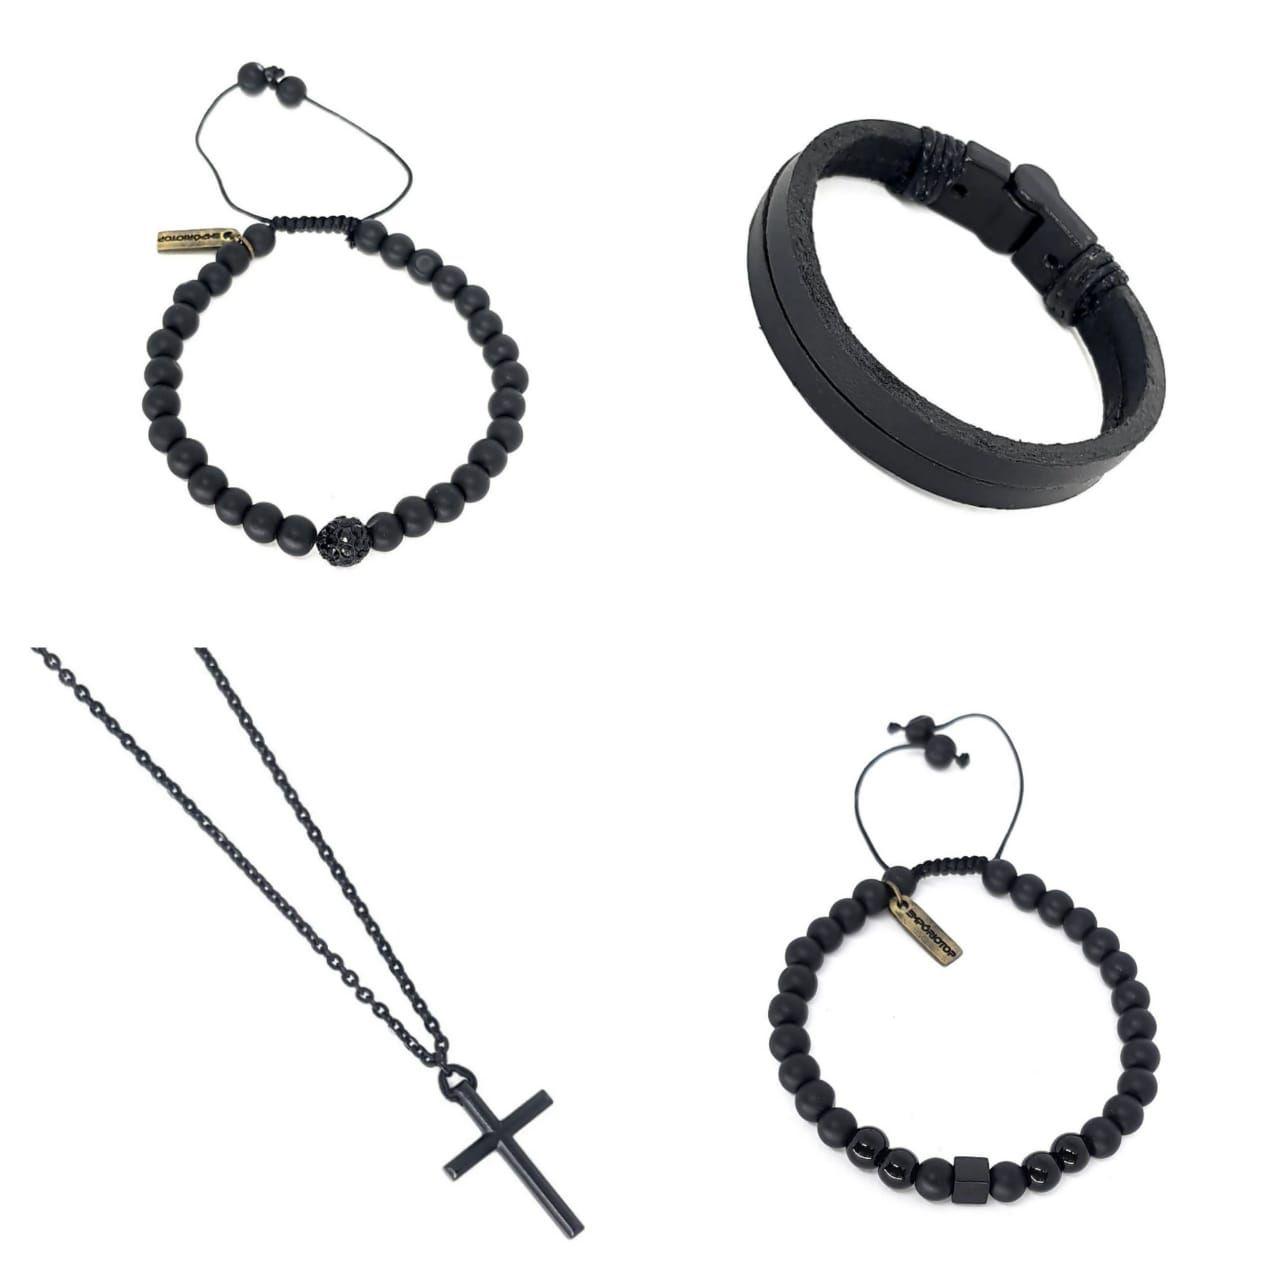 Kit Acessórios Black Series